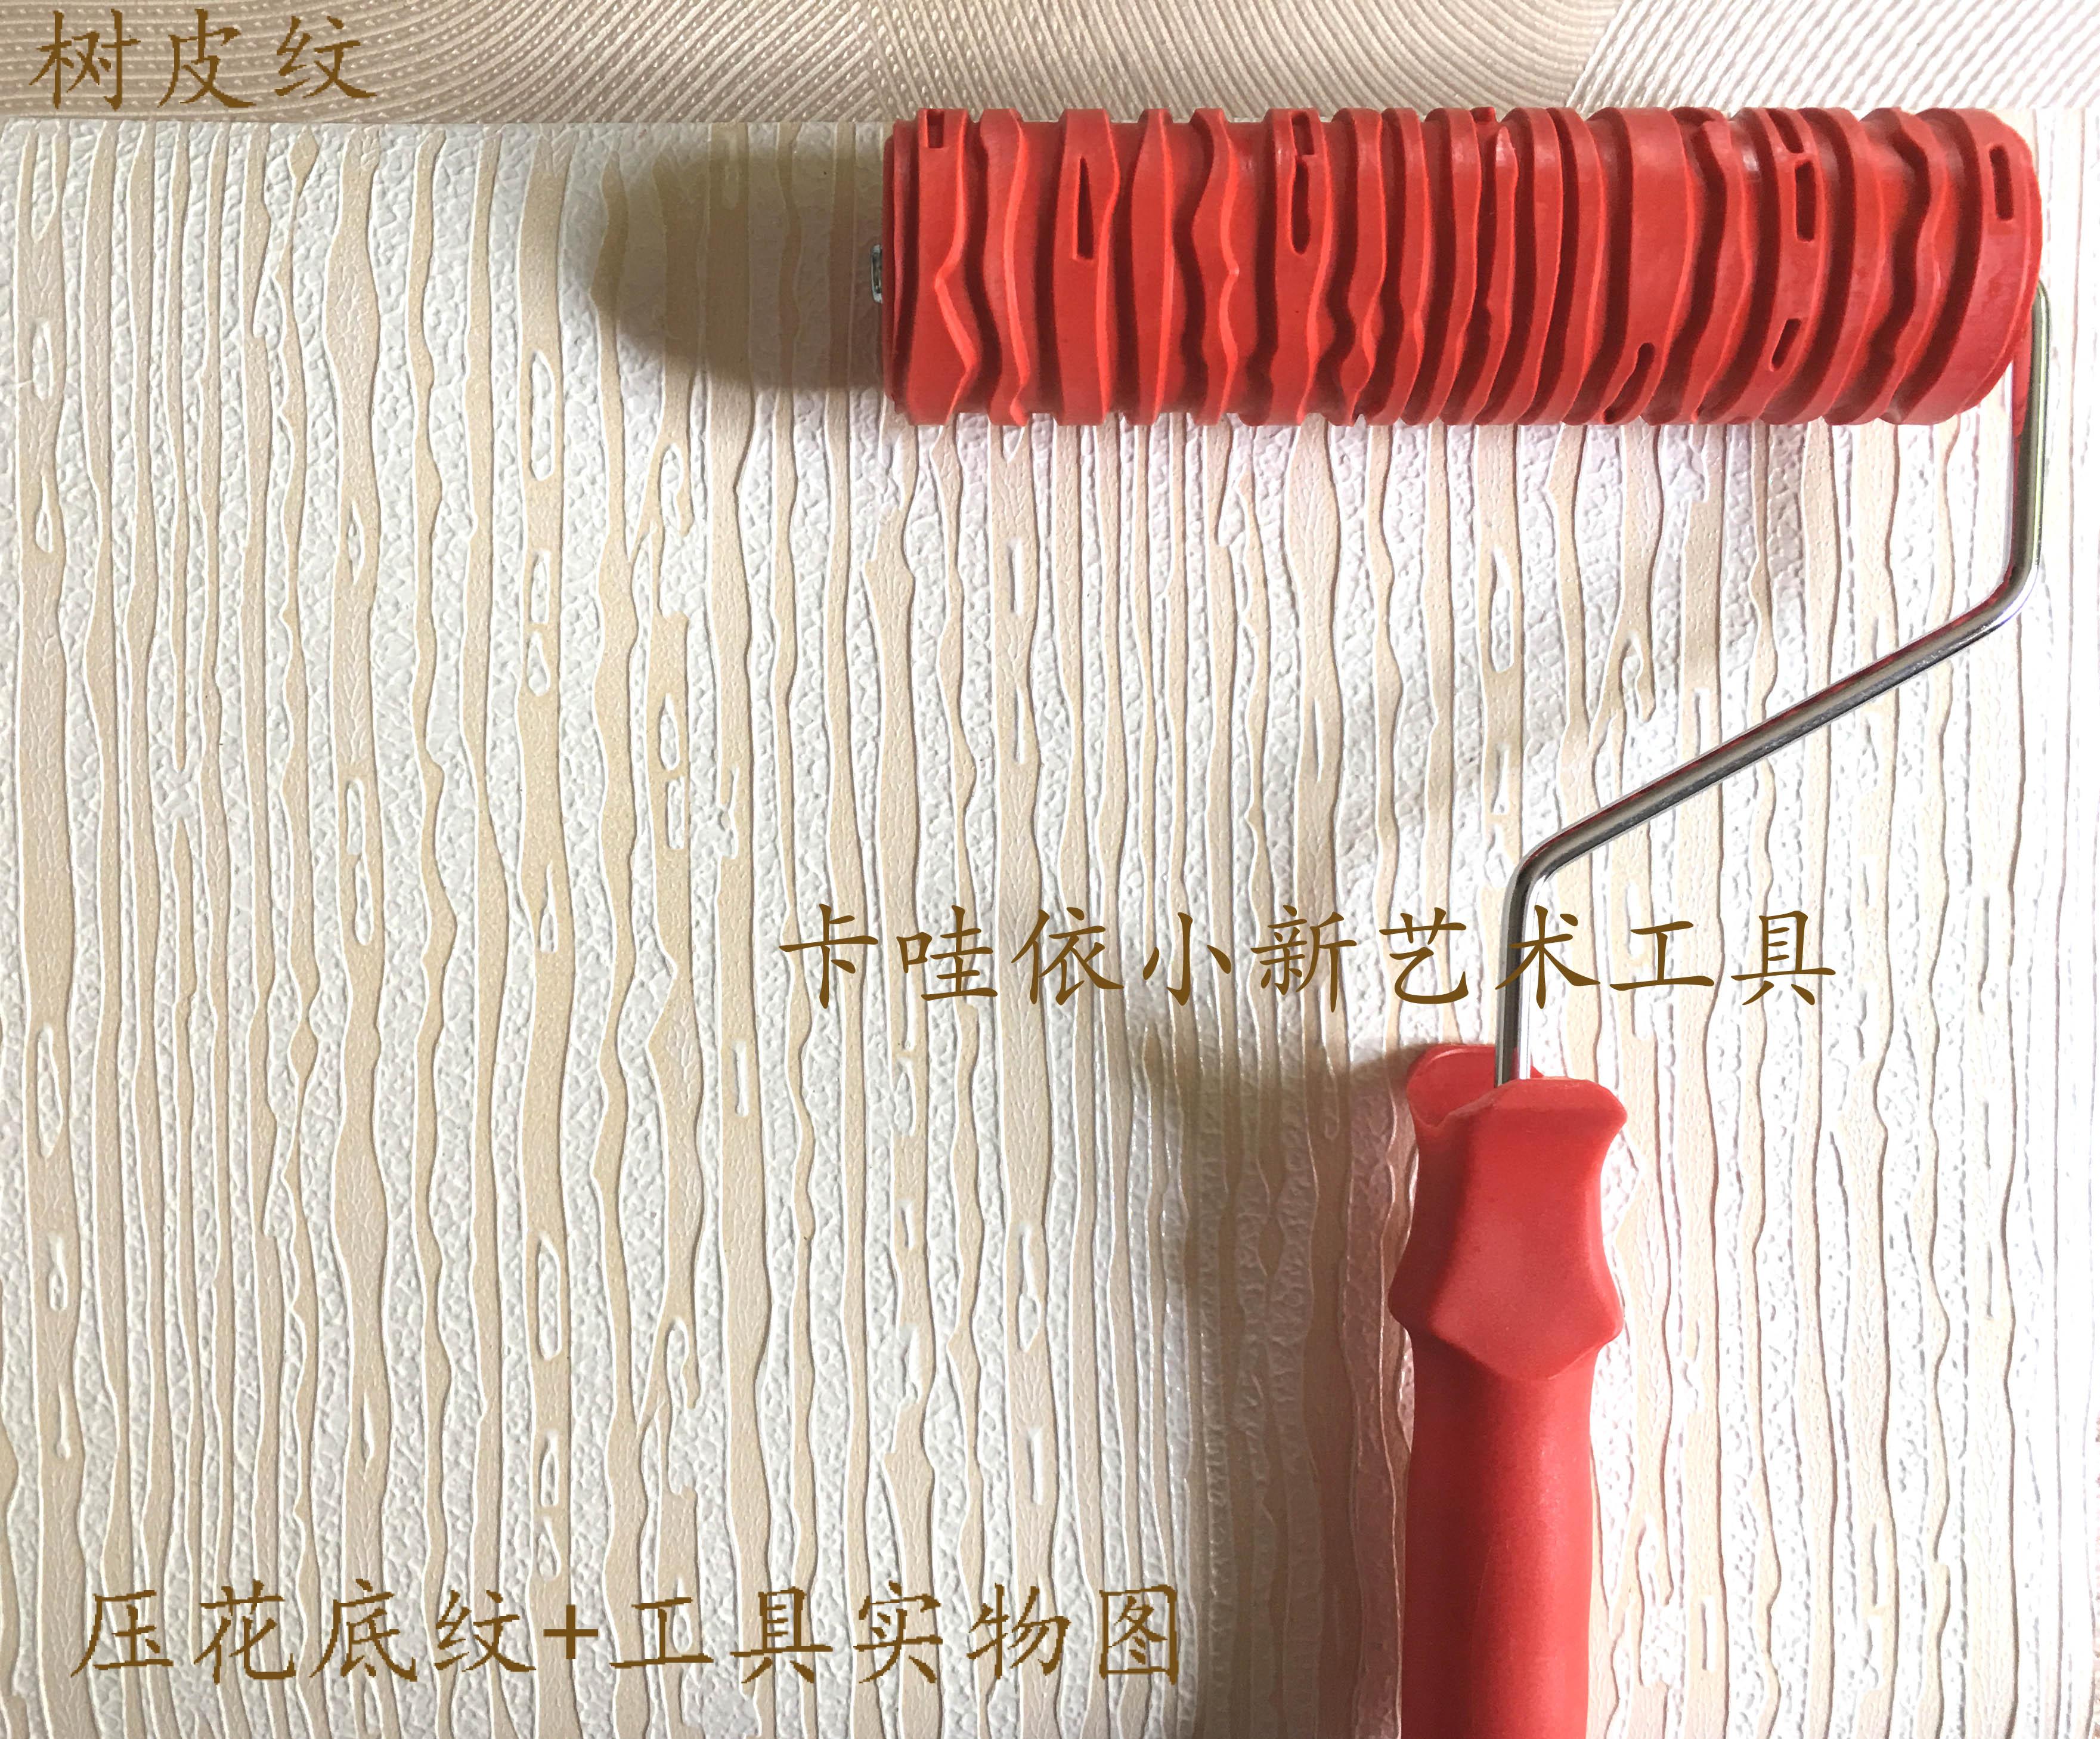 Рельефный валик, текстурная краска, диатомовая грязь, художественная краска, тиснильный валик, резиновый валик, кора принт Инструмент для тиснения